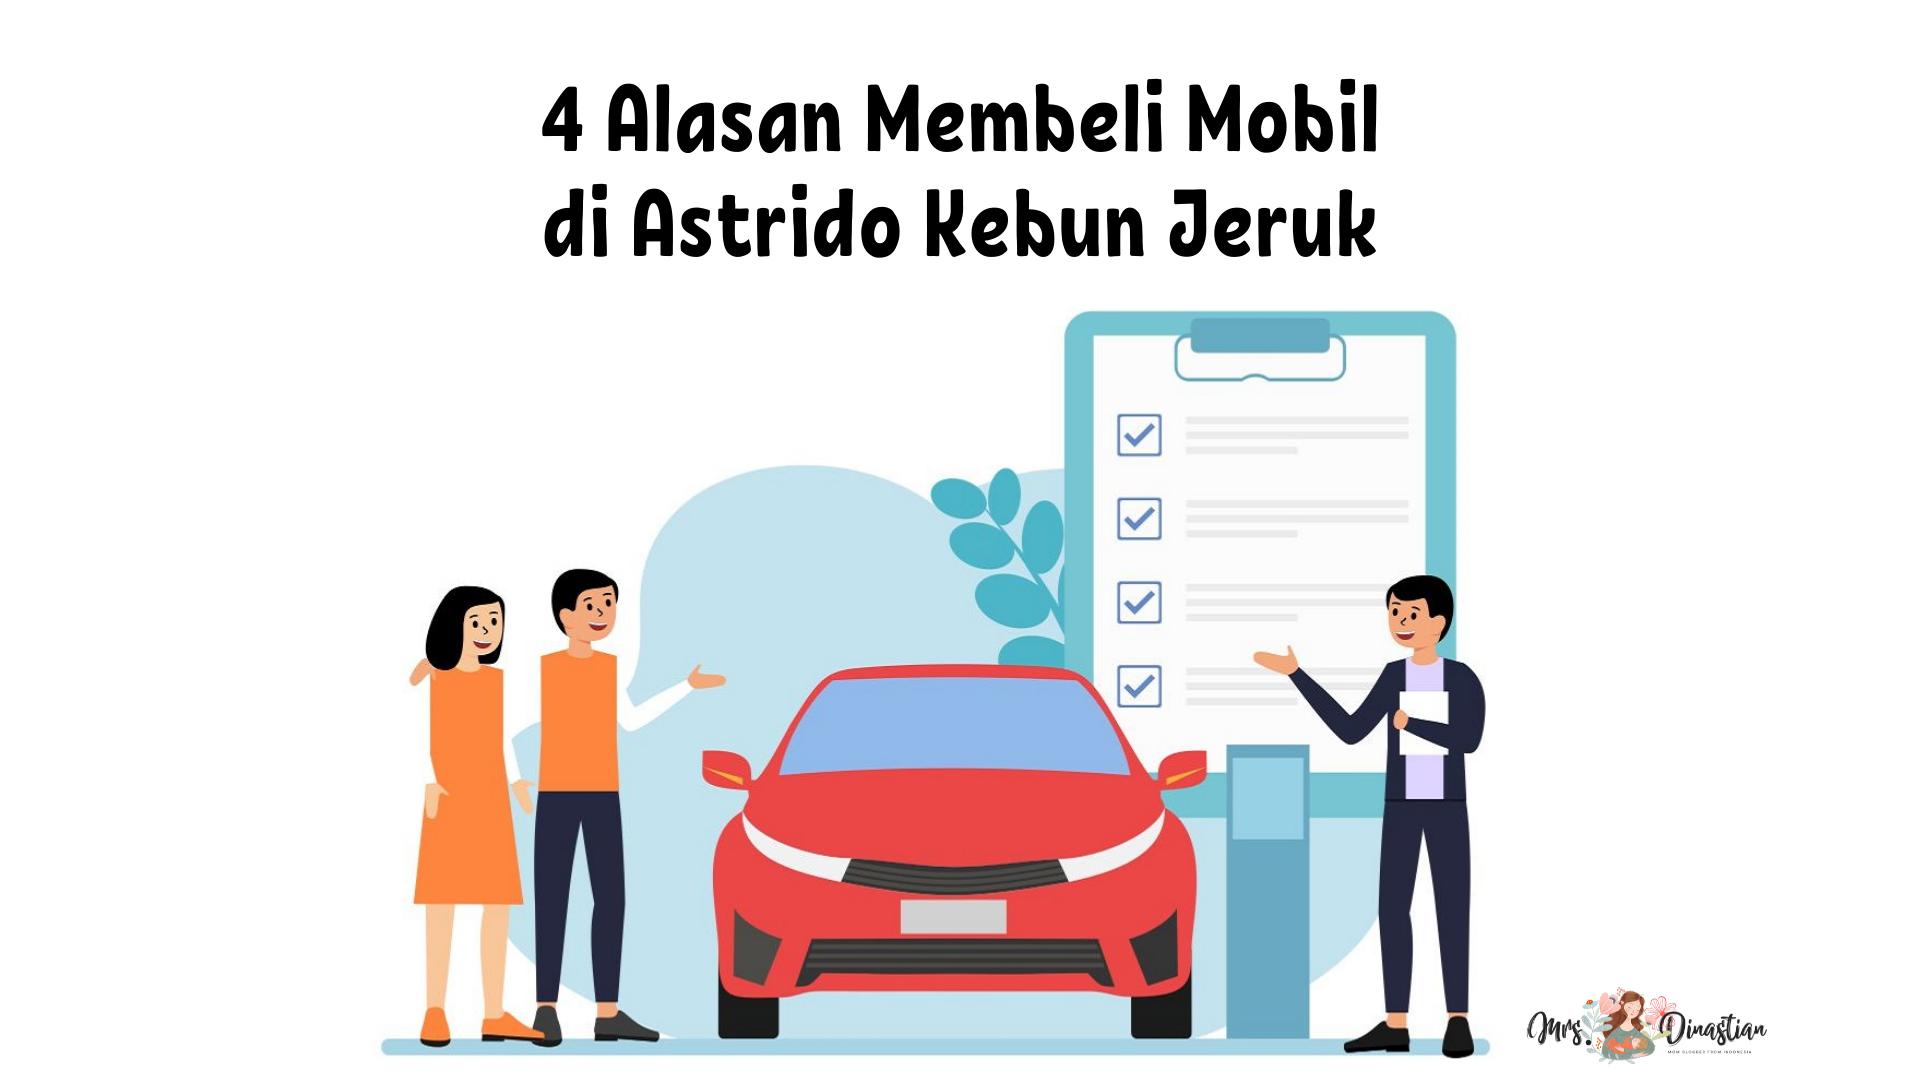 4 Alasan Membeli Mobil di Astrido Kebun Jeruk